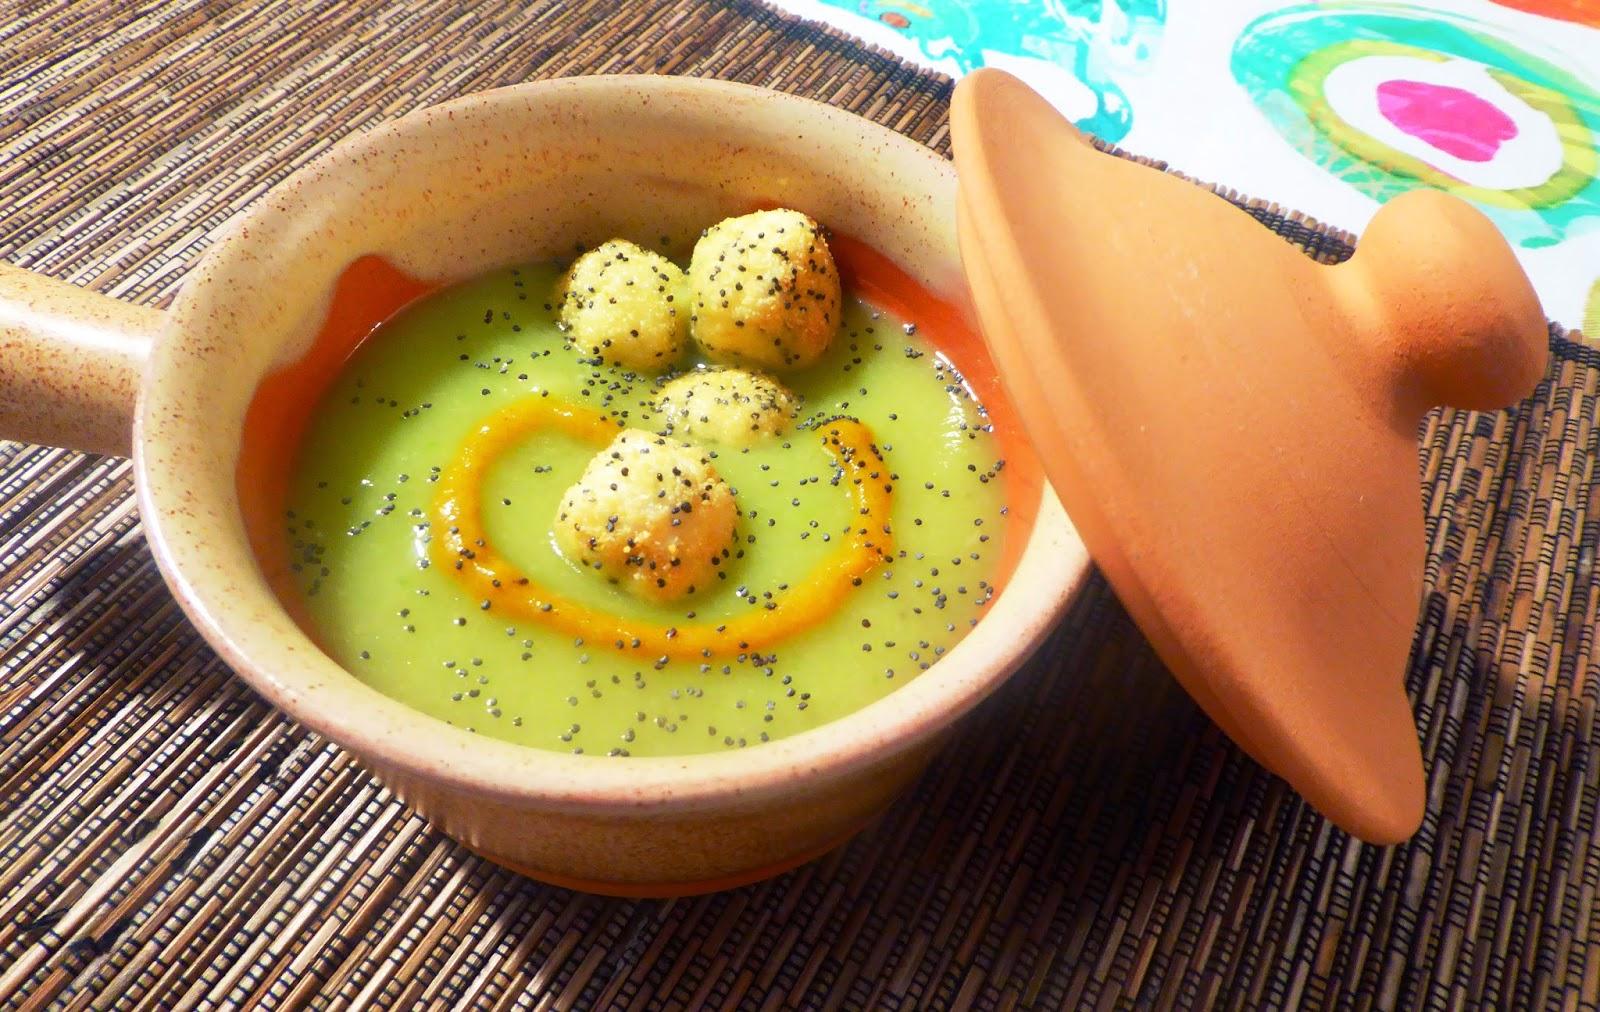 crema di zucchine alla curcuma con palline croccanti